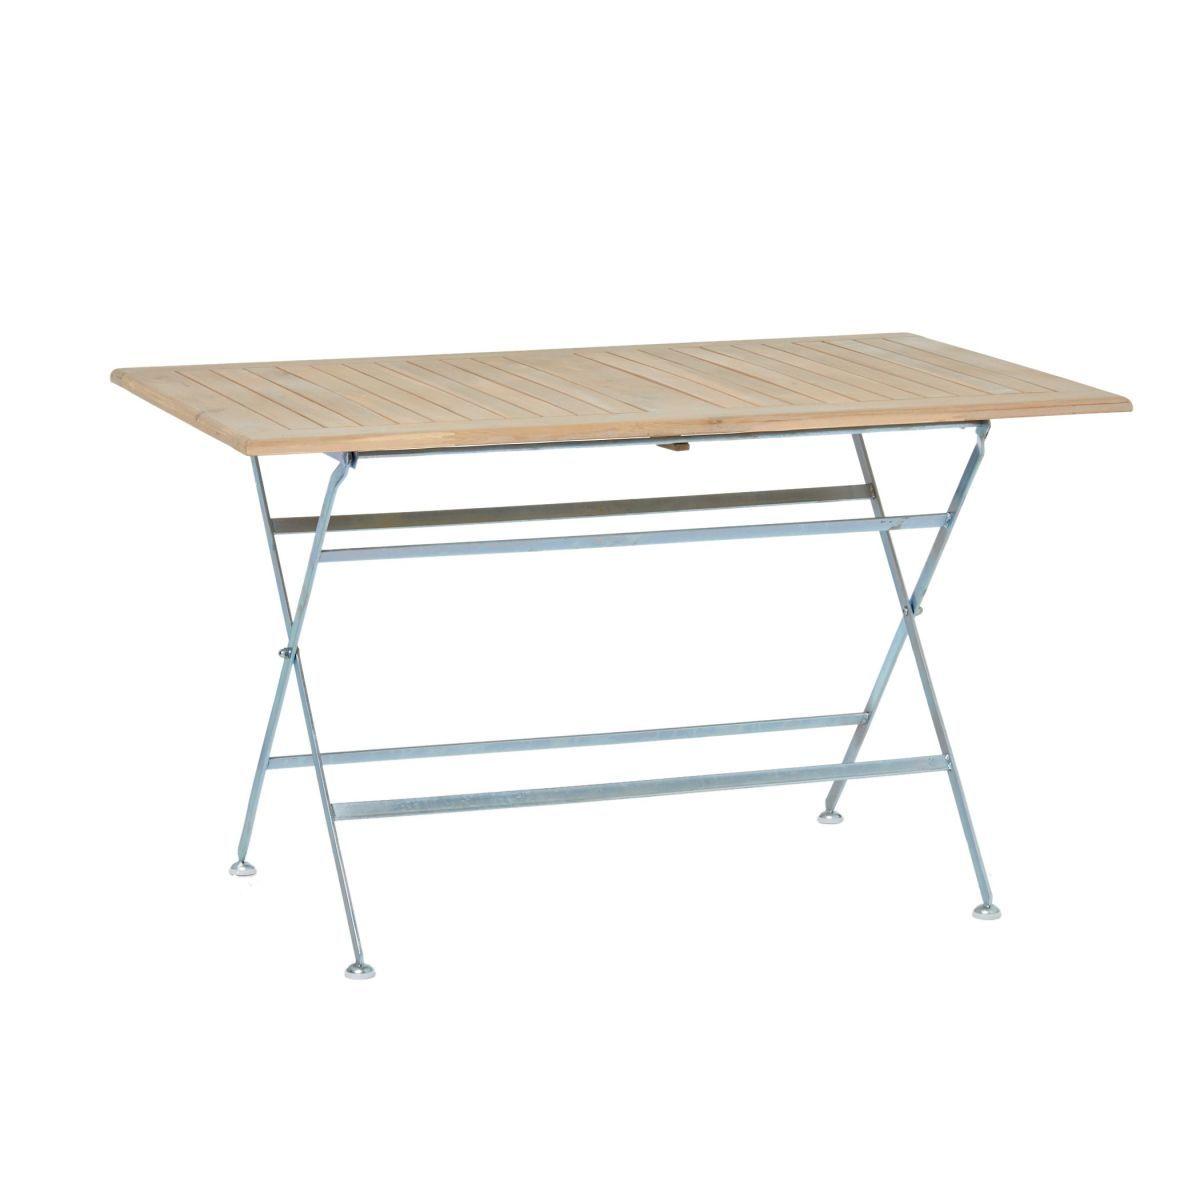 Gartentische  Gartentisch Redford, Metall, Holz Jetzt bestellen unter: https ...